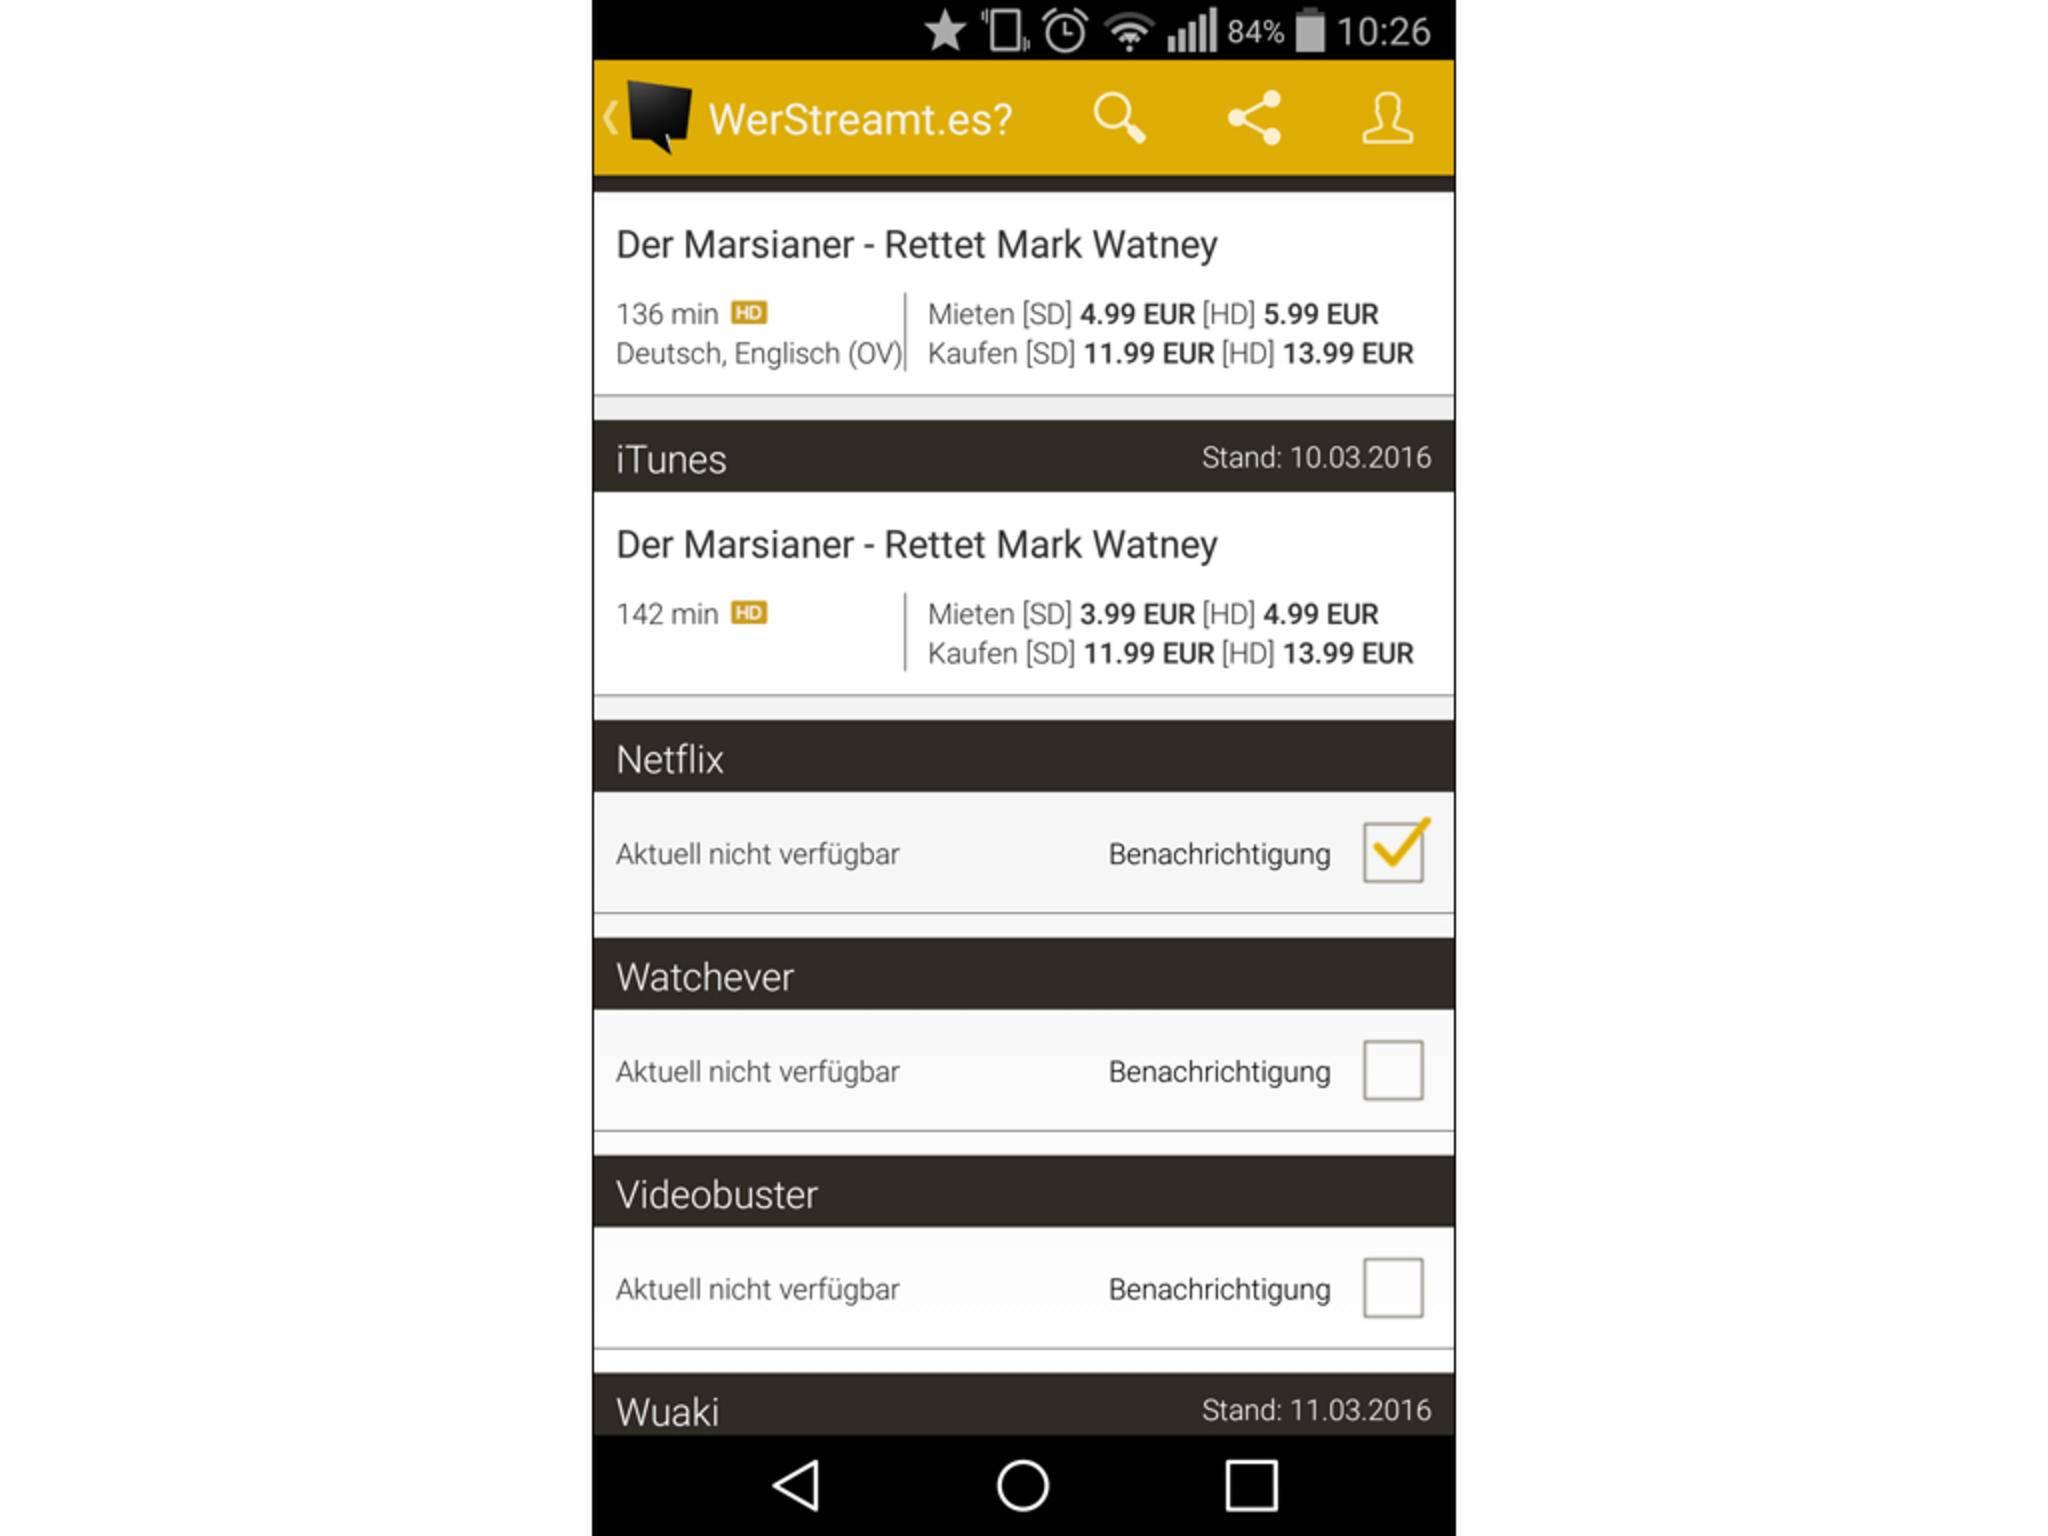 Die App durchforstet deutsche Streaming-Portale nach aktuellen Serien und Filmen.